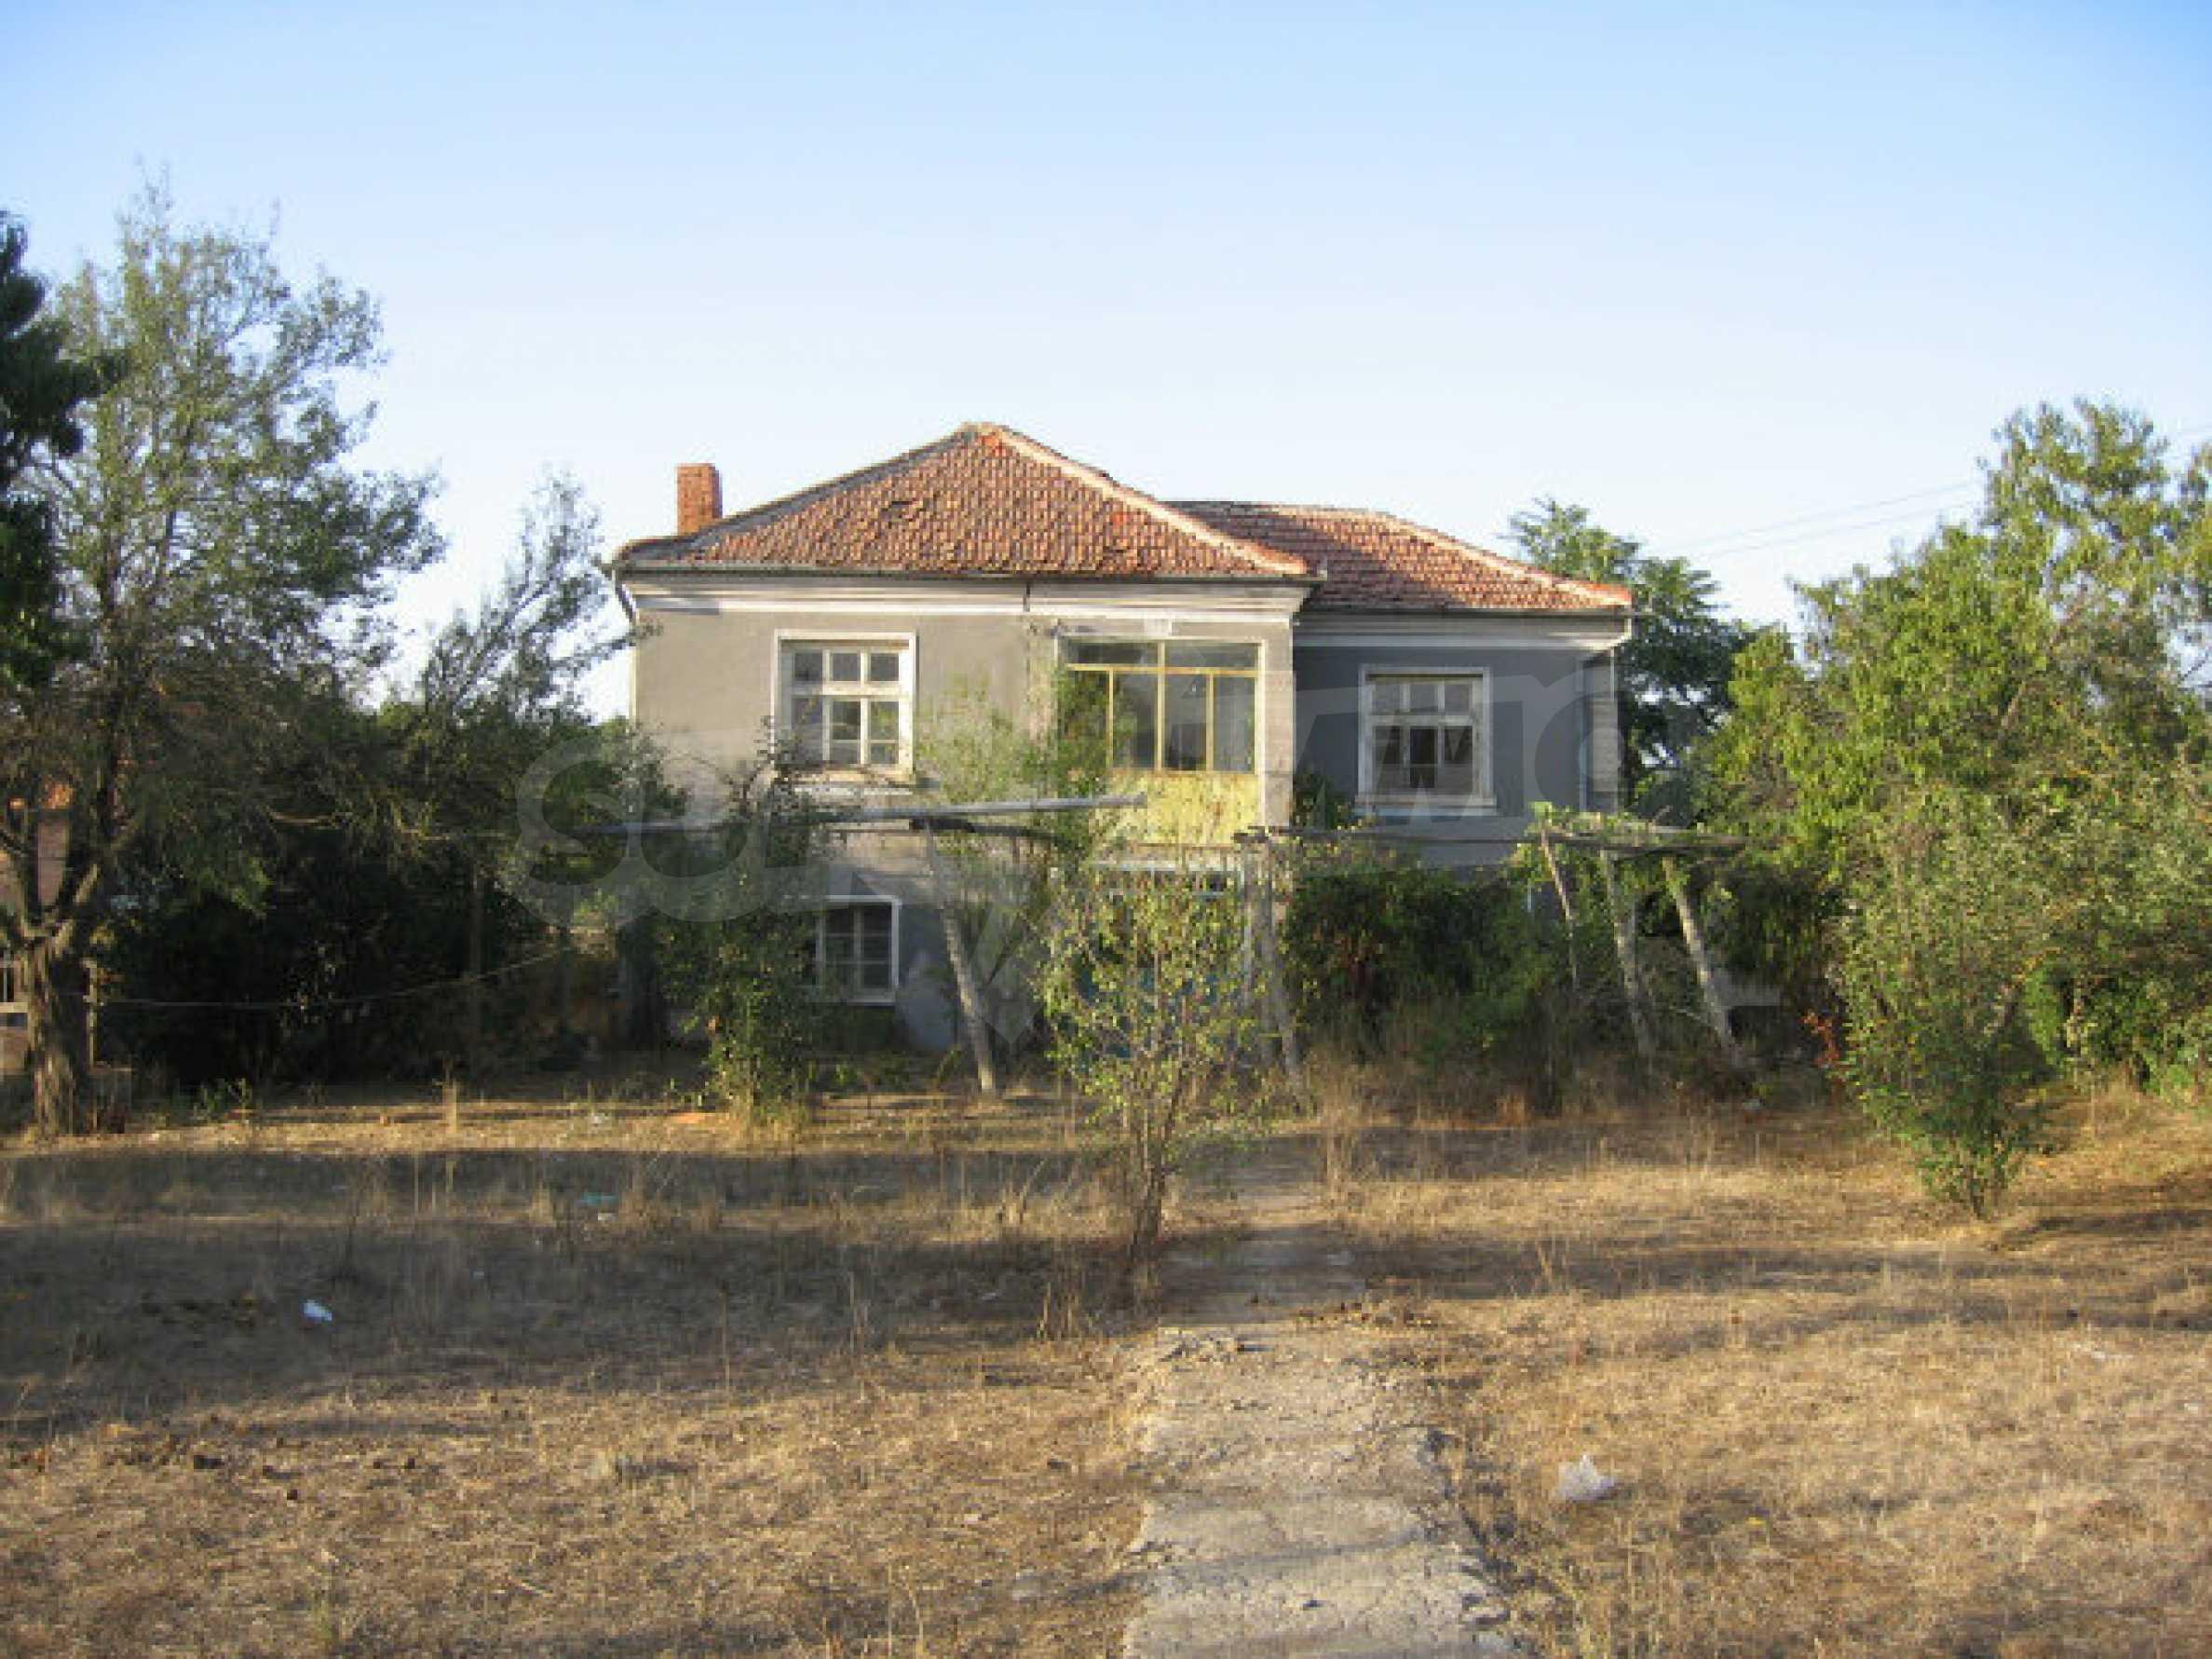 Sonniges zweistöckiges Haus in einem kleinen Dorf in der Nähe der Flüsse Tundzha und Elhovo 2